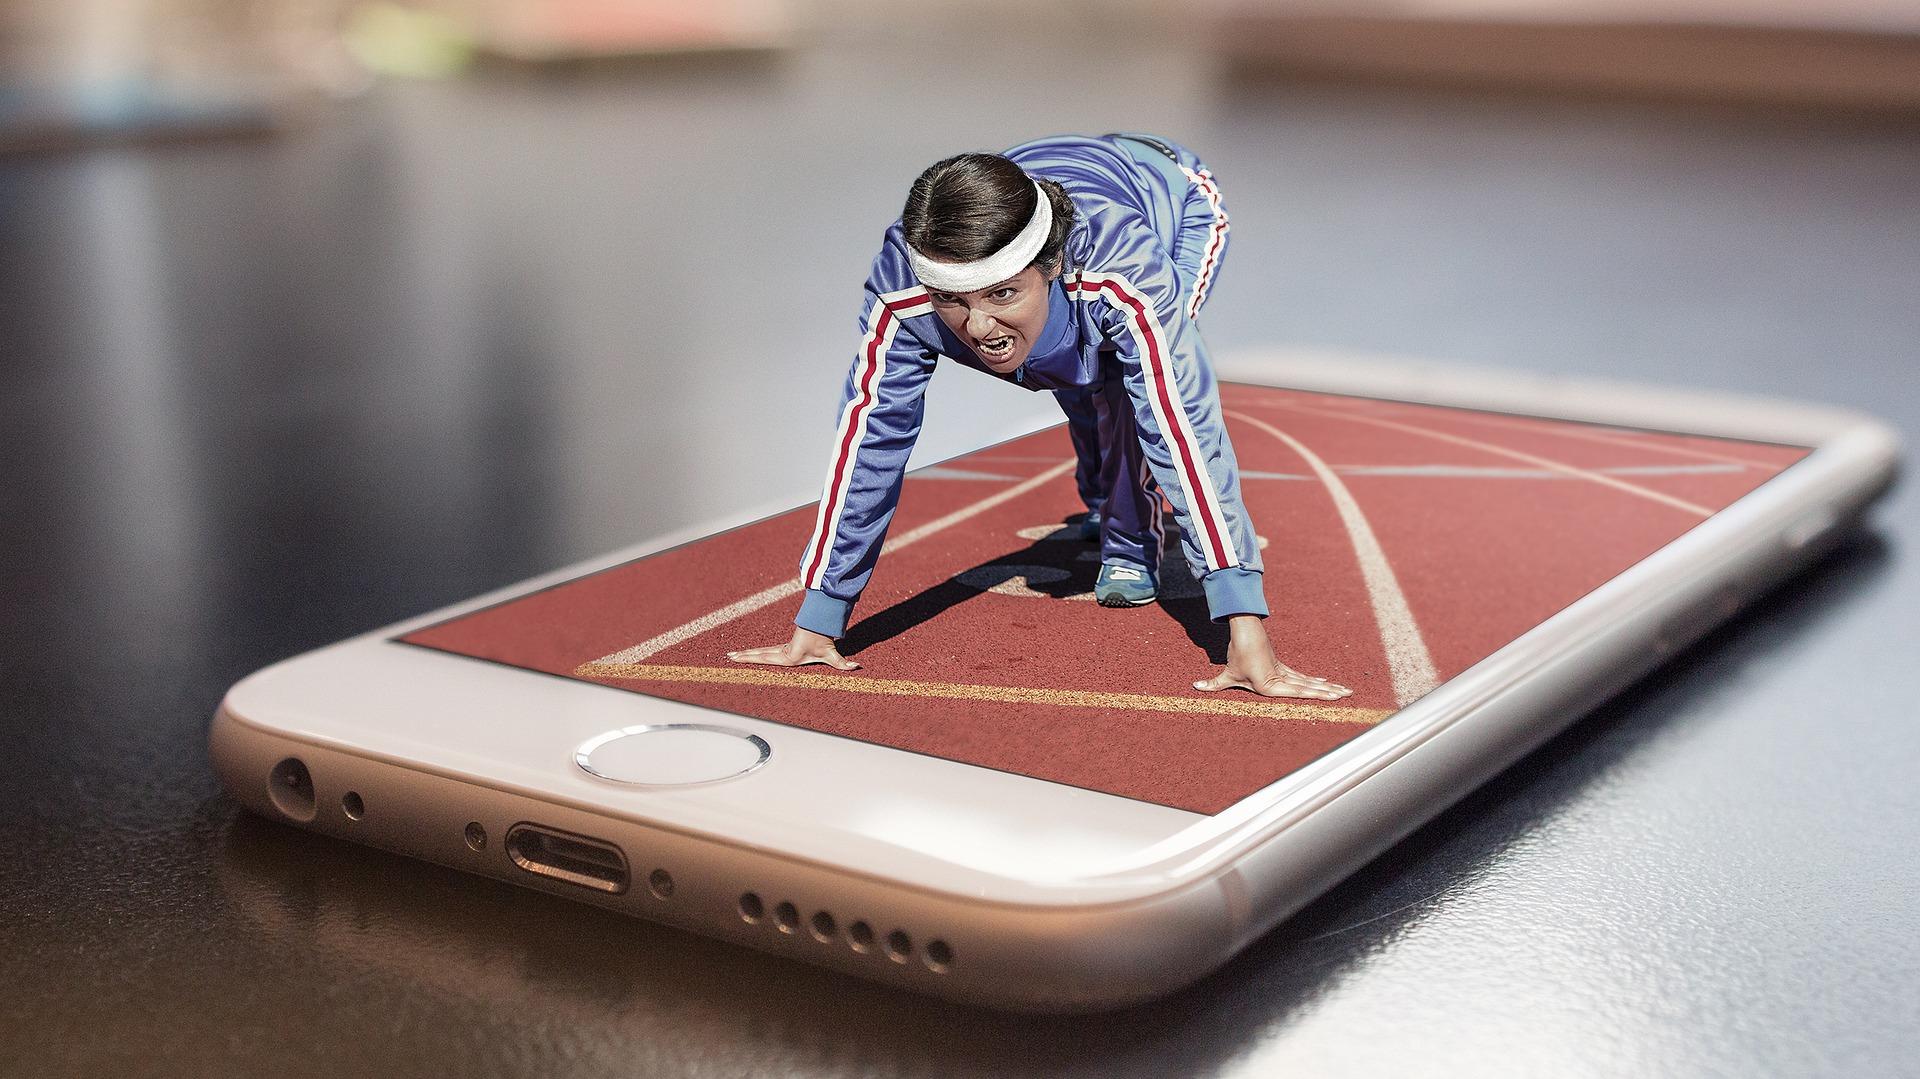 Novas soluções de tecnologia fitness e de saúde estão surgindo para os interessados